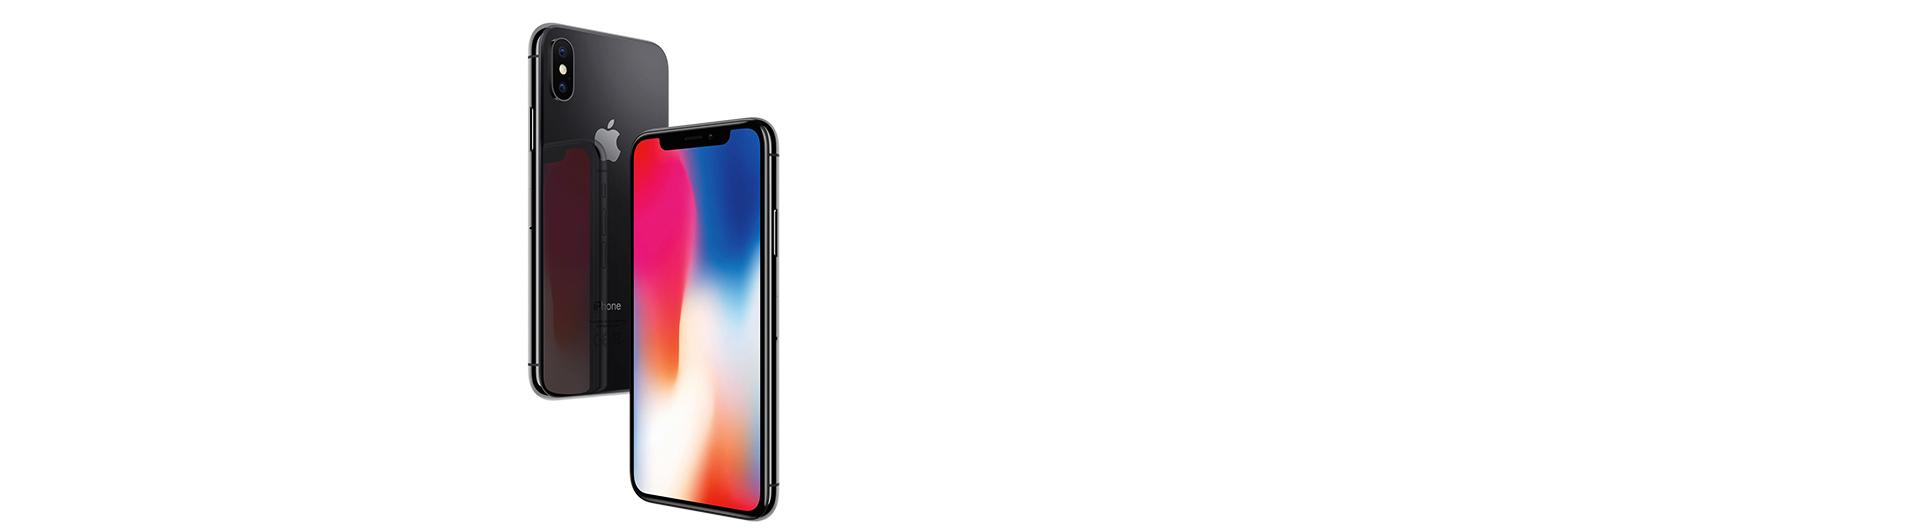 Điện thoại di động iPhone X 256GB Gray màn hình OLED 5.8 inch cực nét